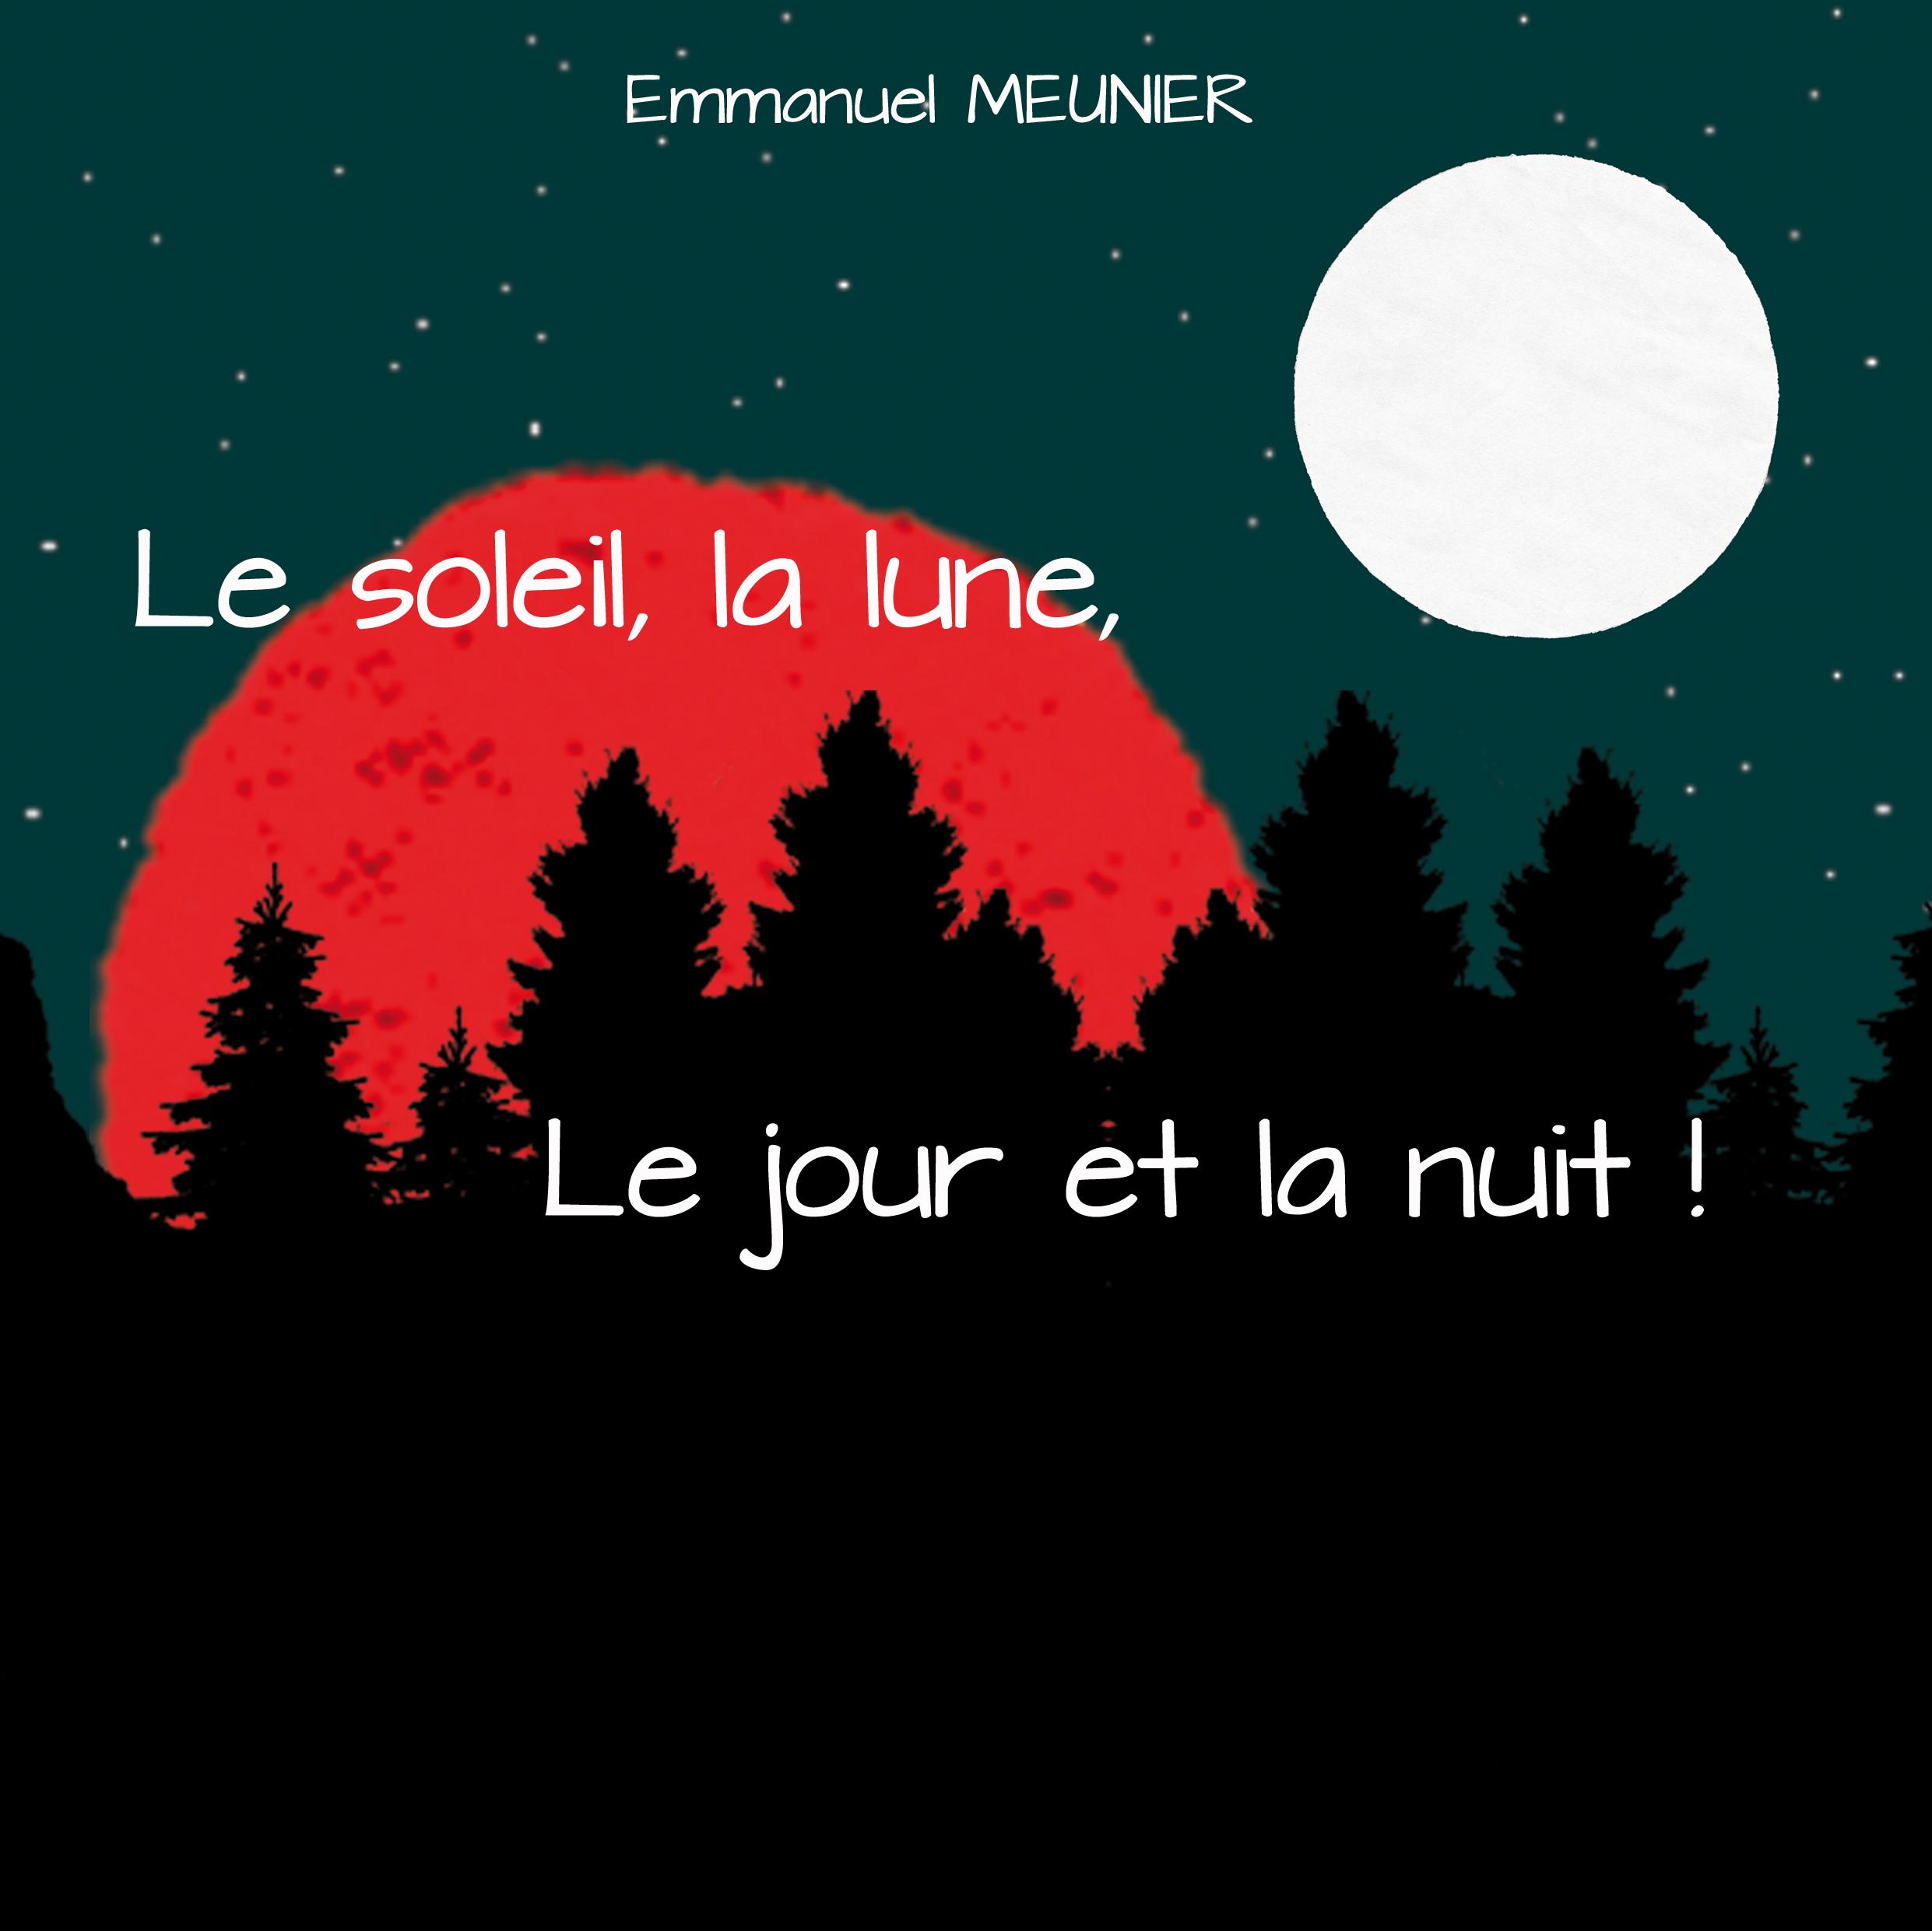 Le soleil, la lune, le jour et la nuit